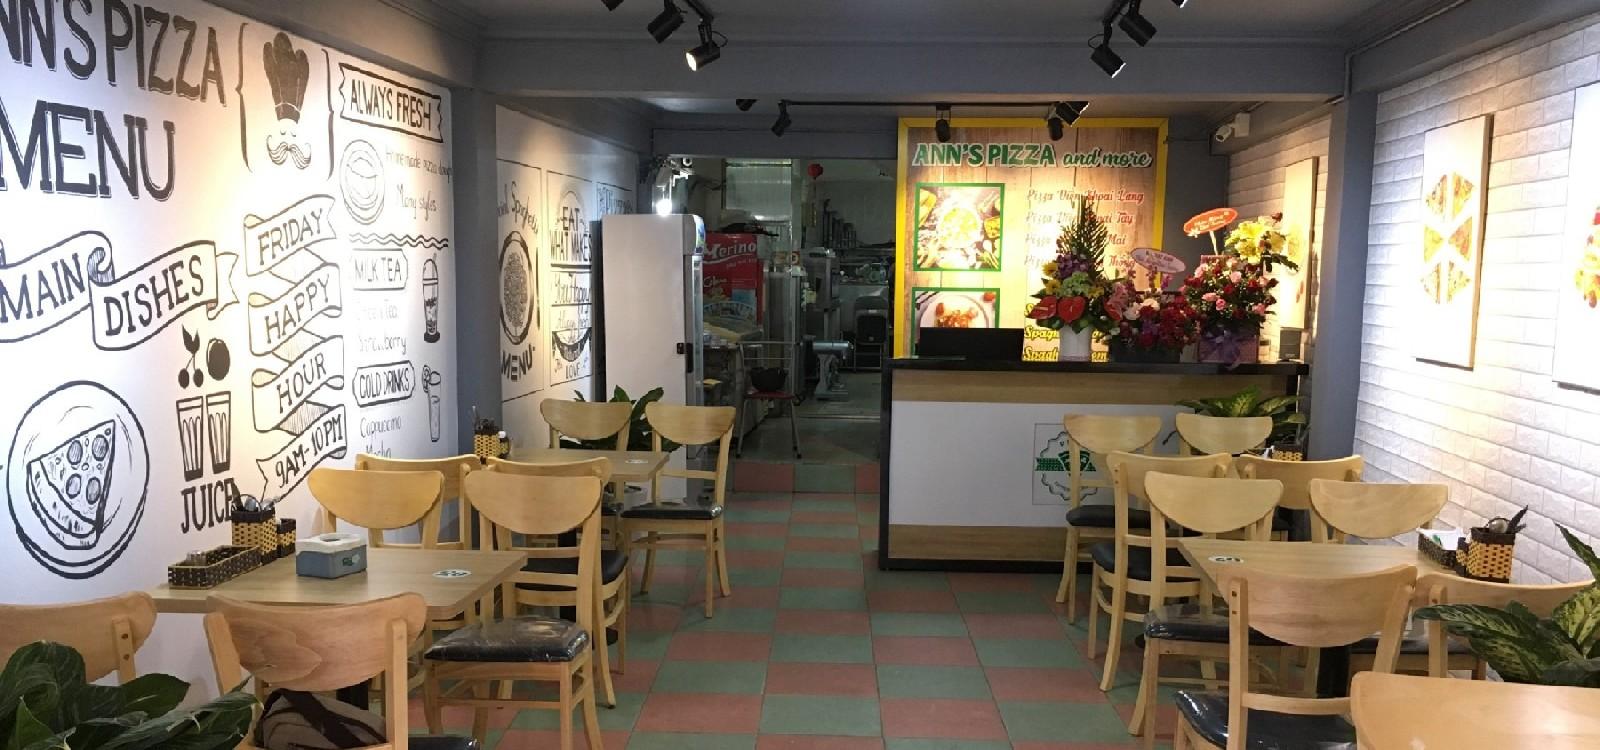 hình ảnh Thiết kế và thi công trọn gói cửa hàng Ann's Pizza